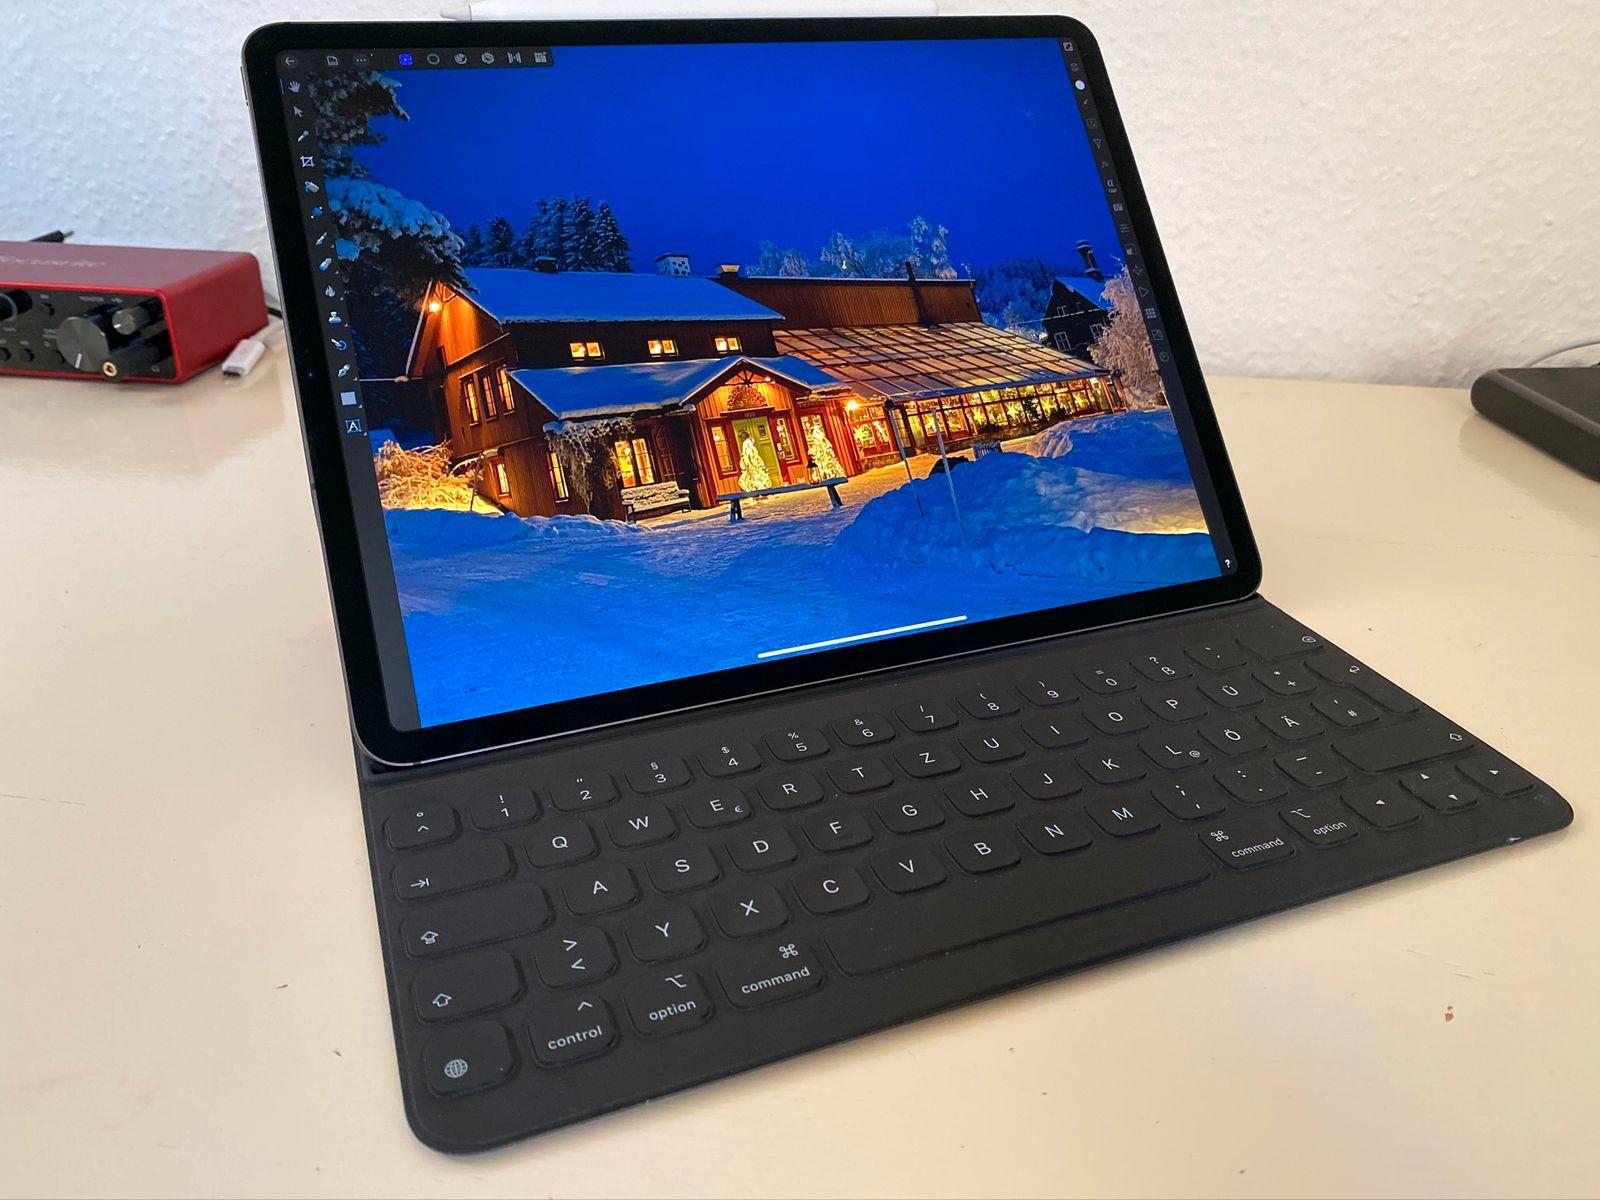 Apple iPad Pro 2020 / Sperrfrist 24.3.2020 / 13:30 Uhr